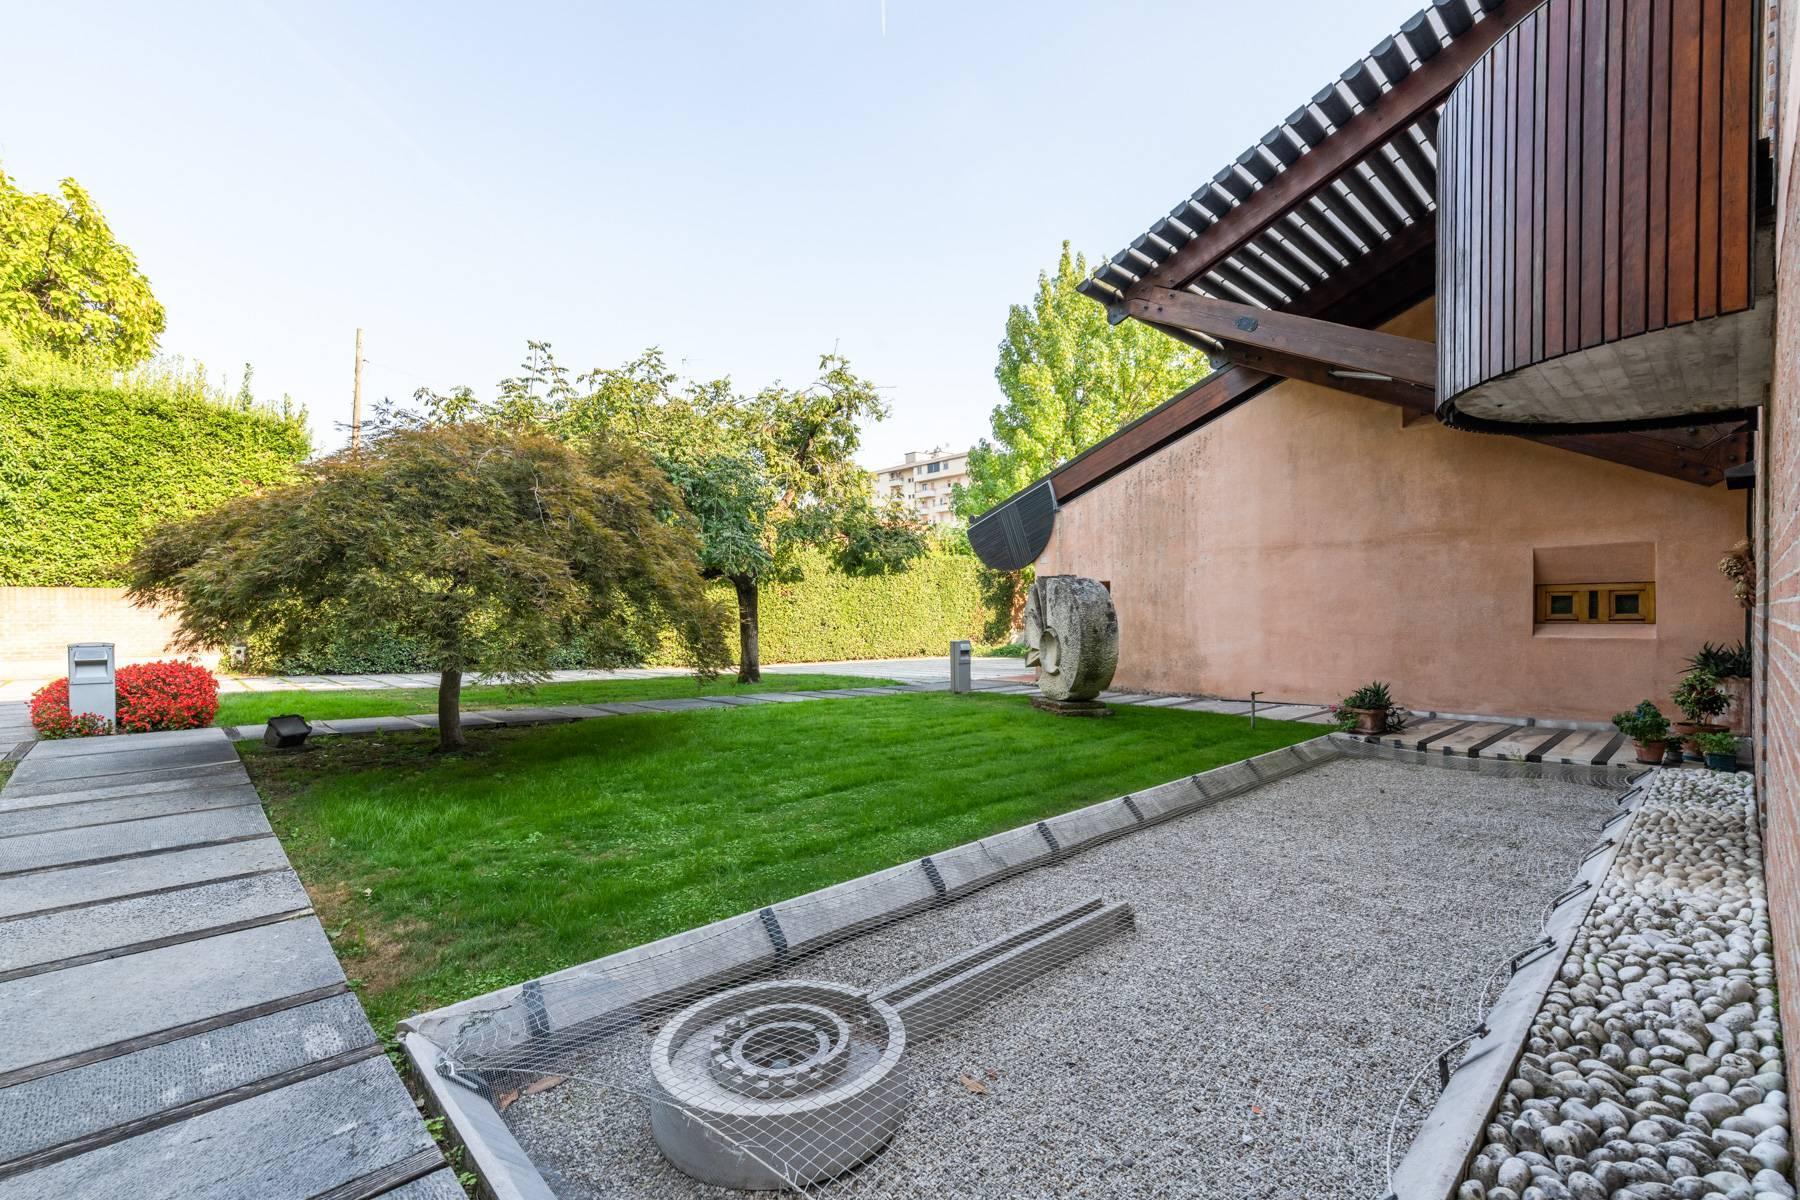 Raffinata Villa d'autore con giardino ed opere d'arte nel centro della città - 27